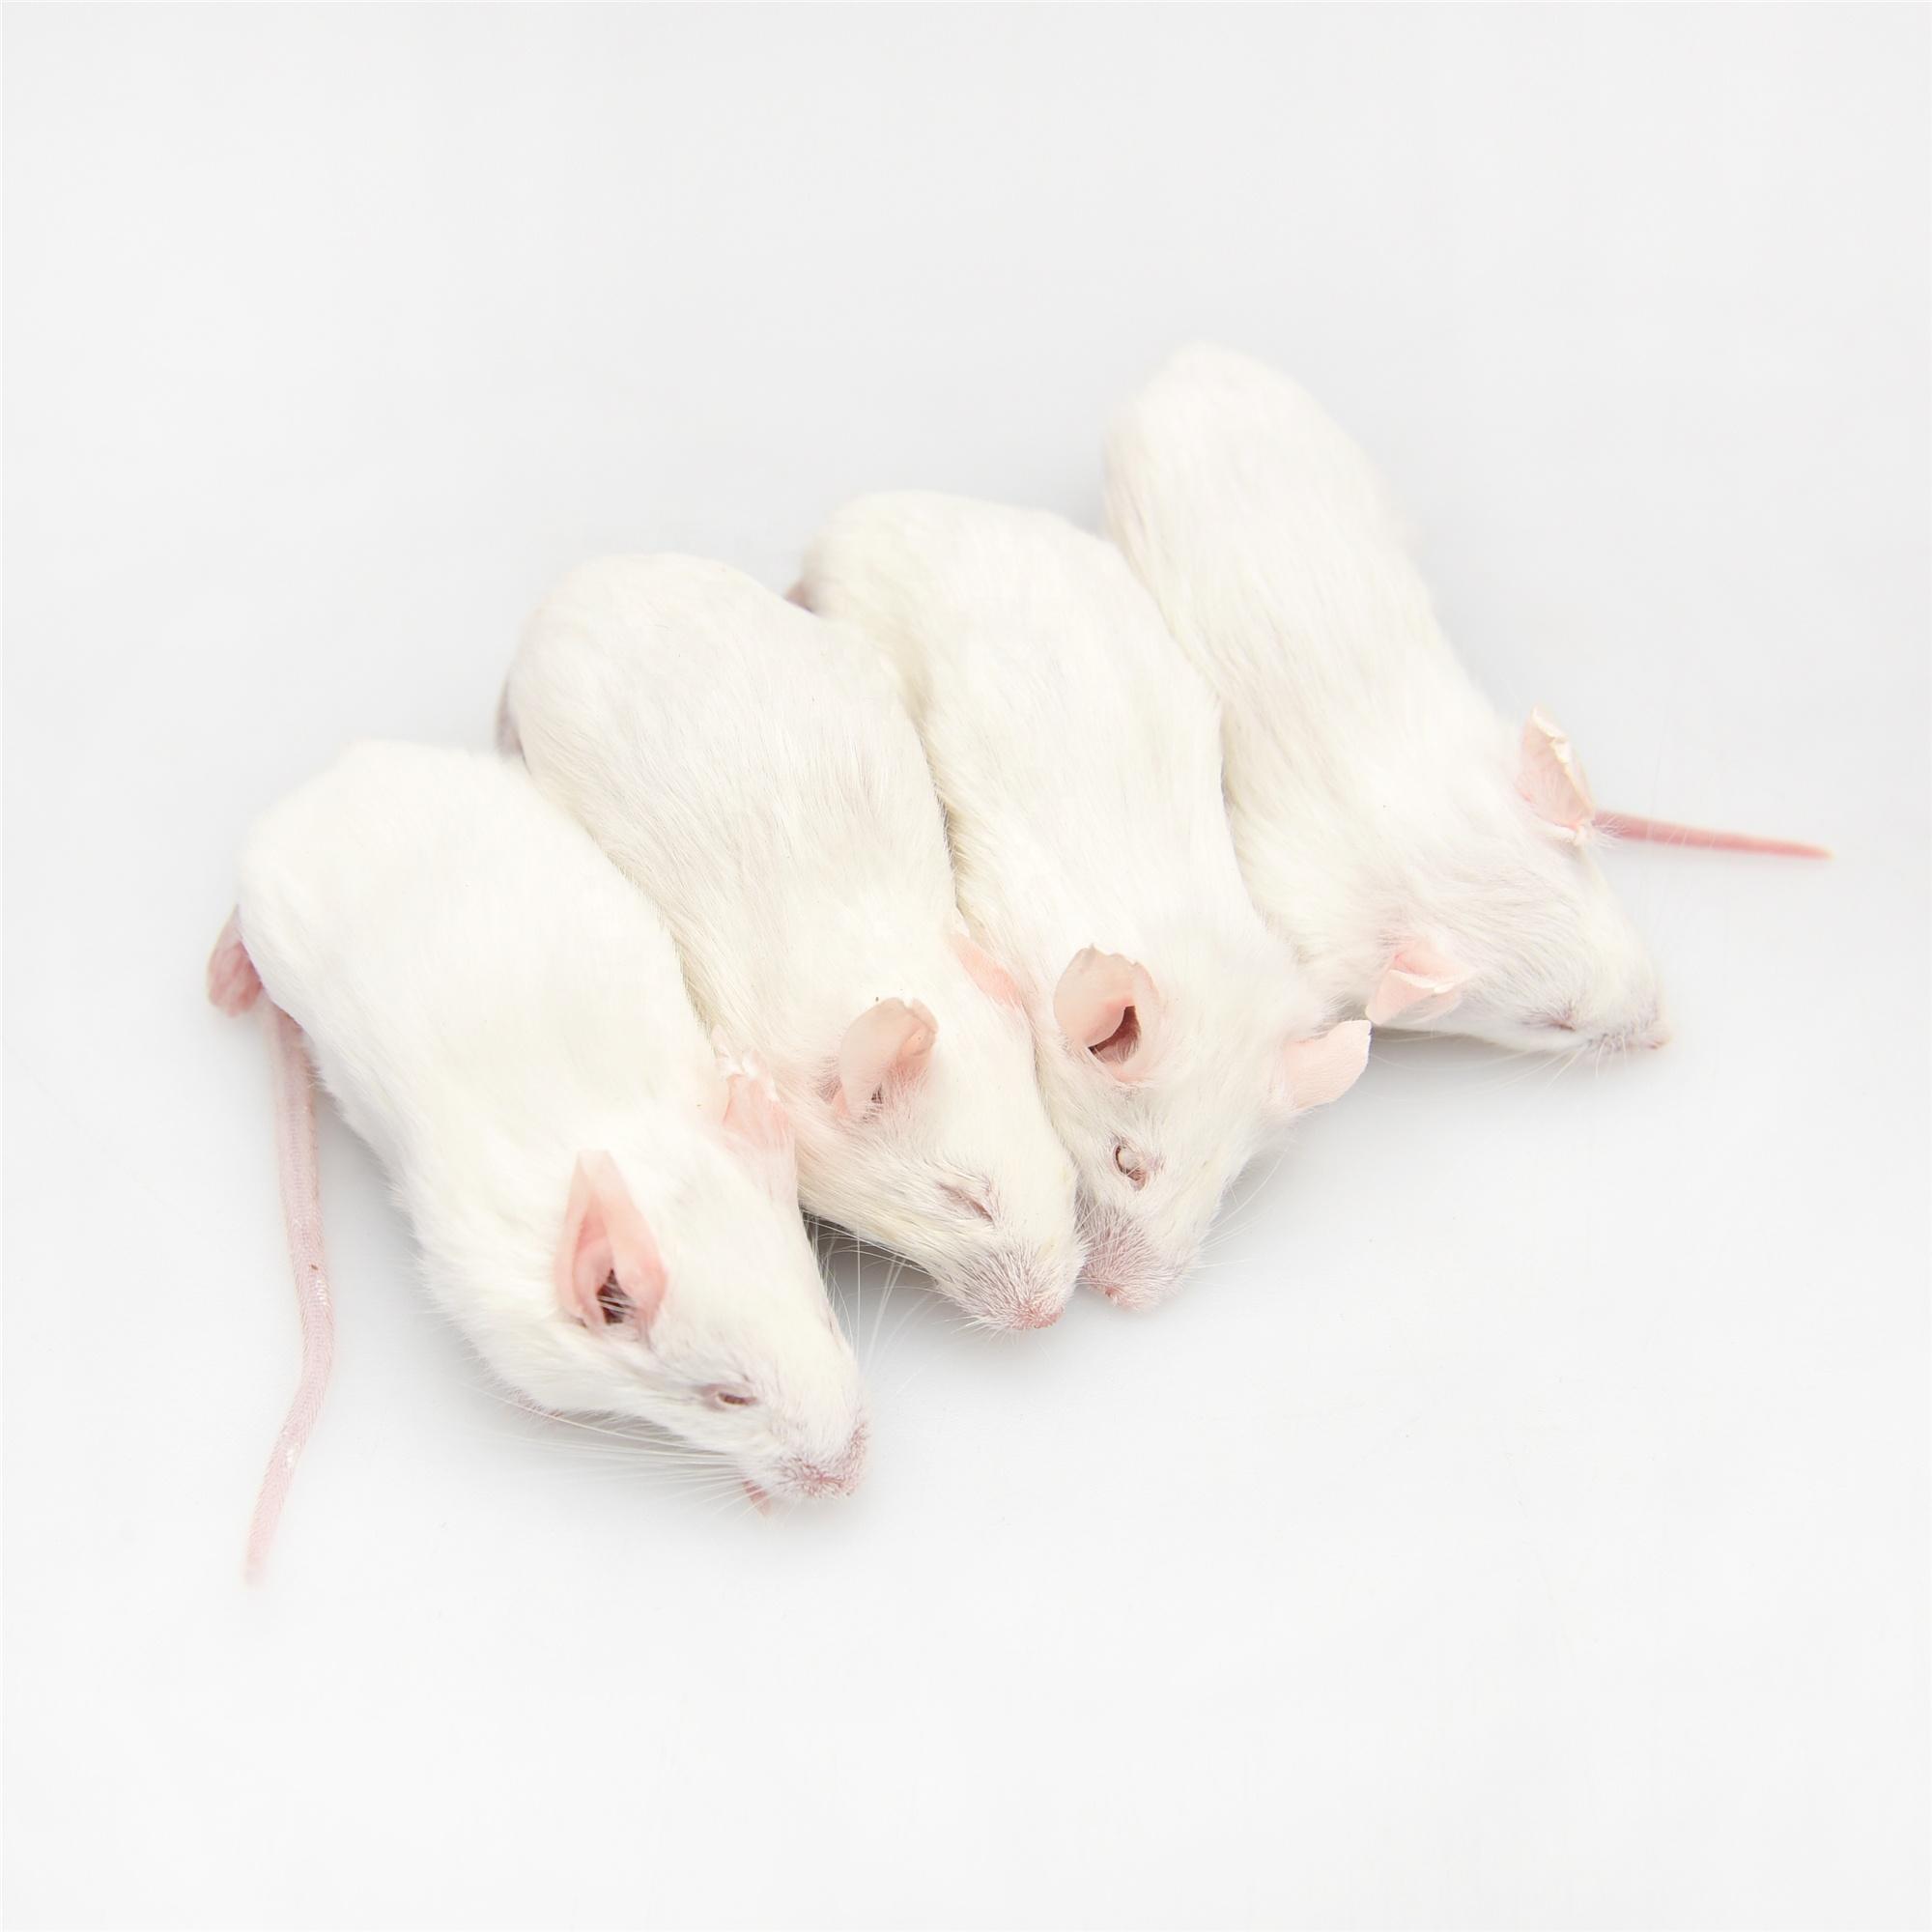 фото мышки бегунок готовы